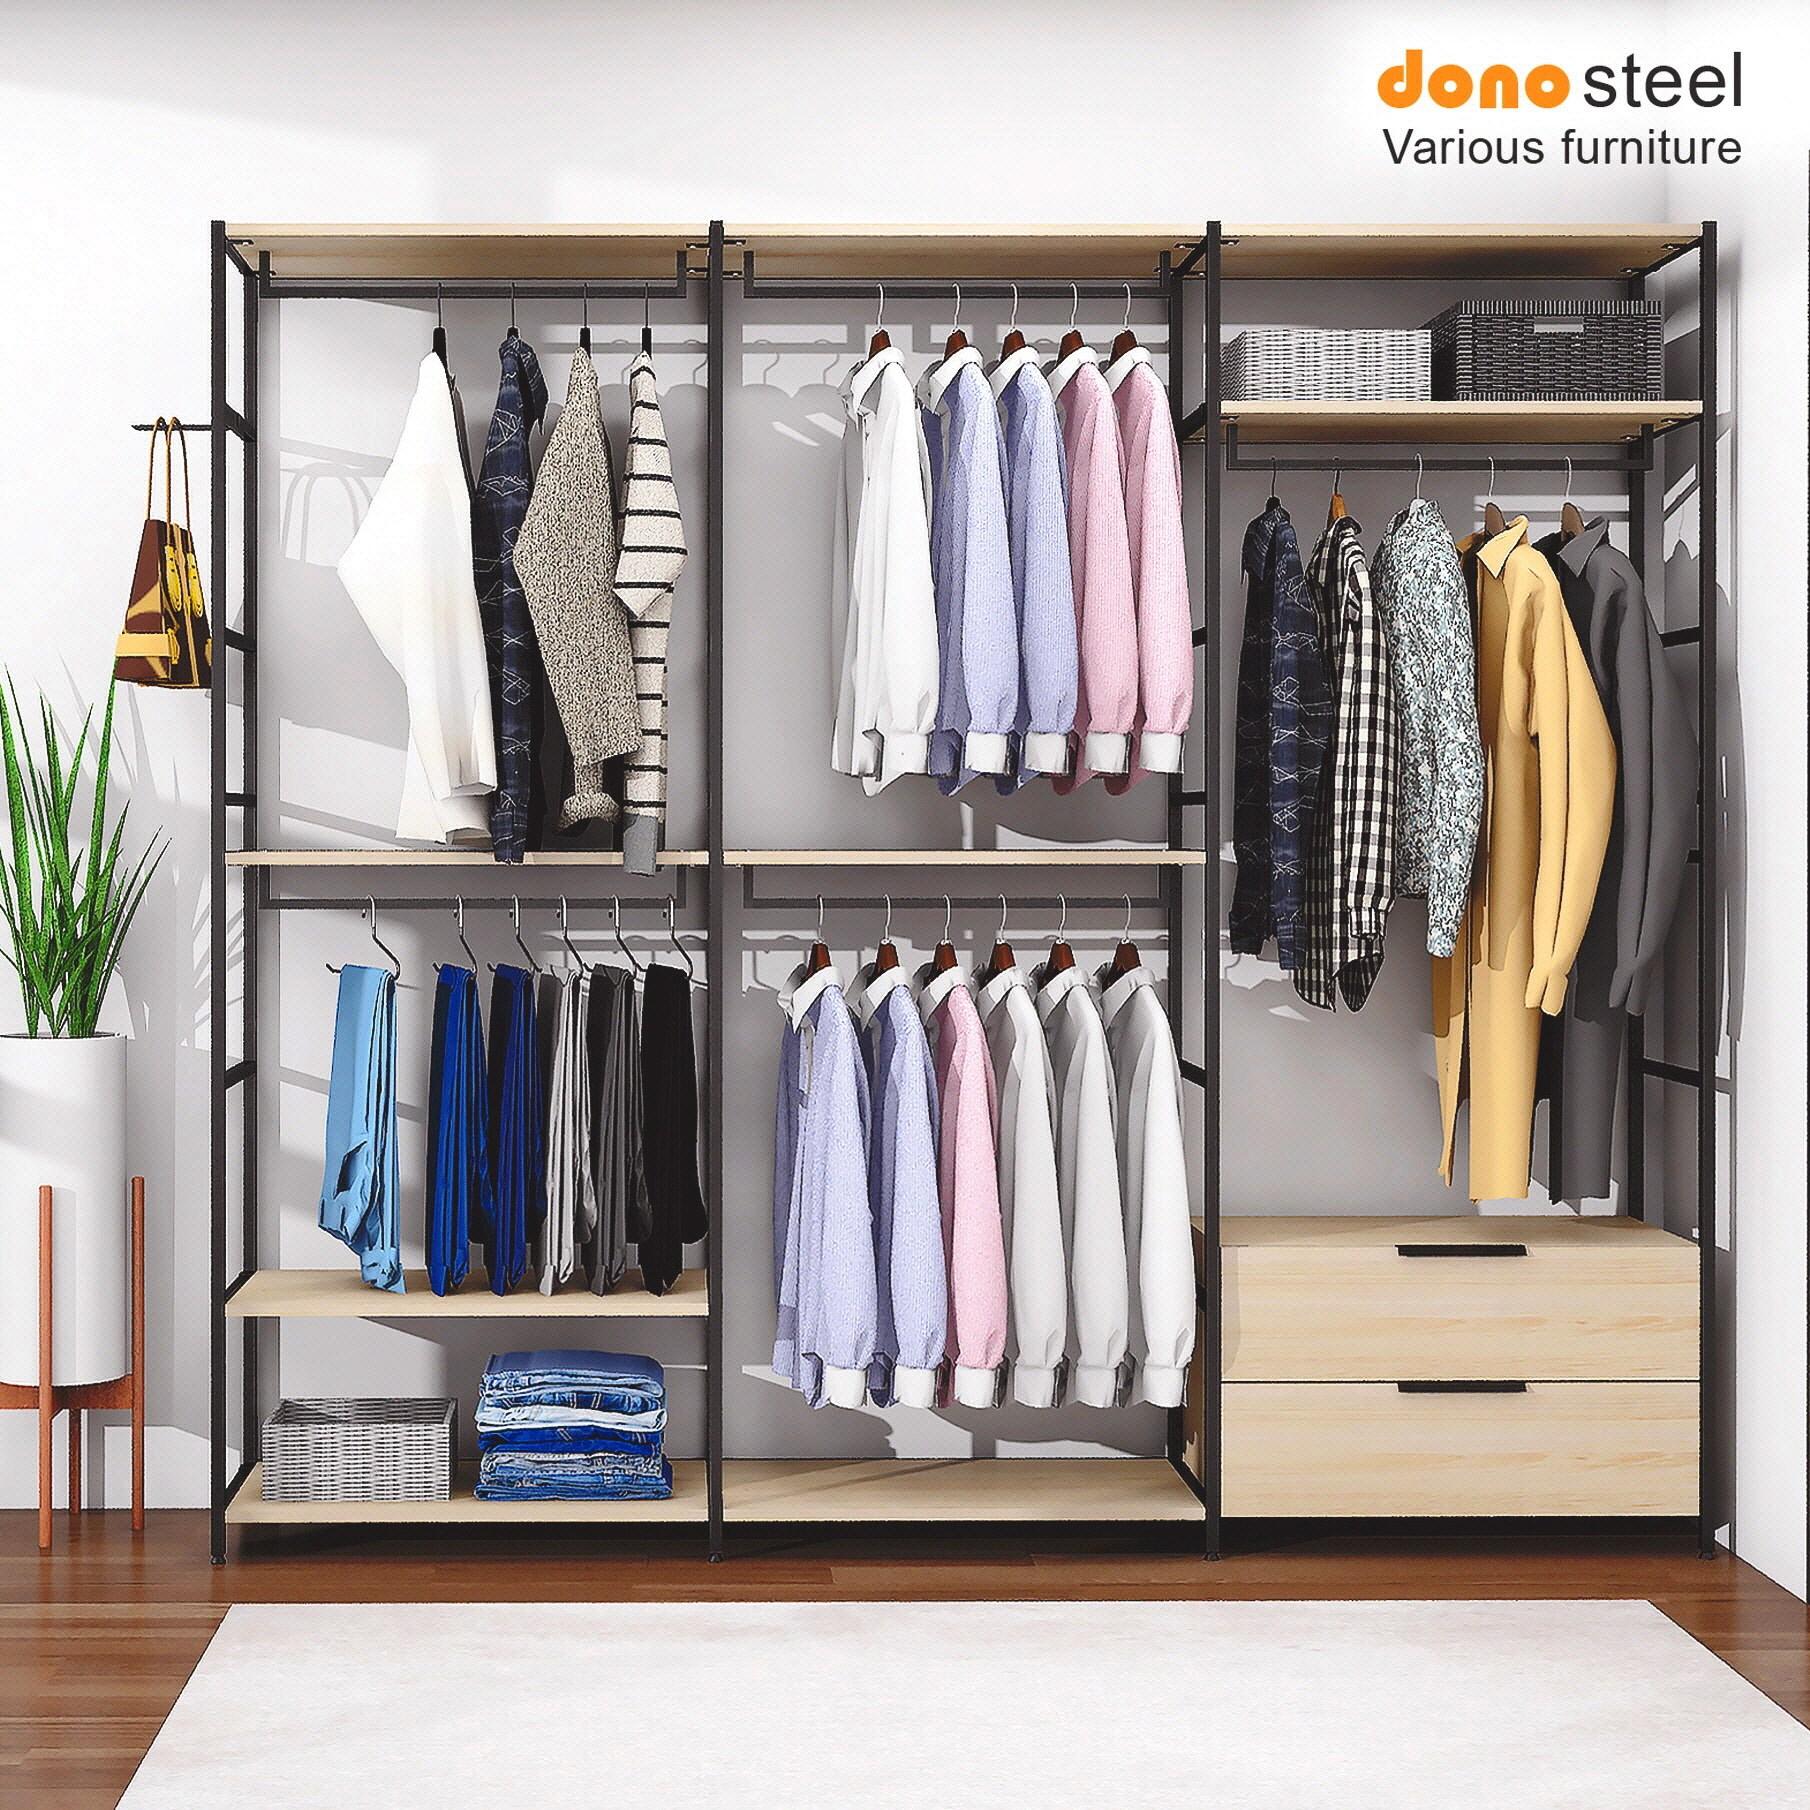 도노스틸 올리카 시스템연결옷장 6단3칸 서랍세트 드레스룸, A6. 옷장 6단3칸 (바지걸이+2행거+서랍)-도노오크